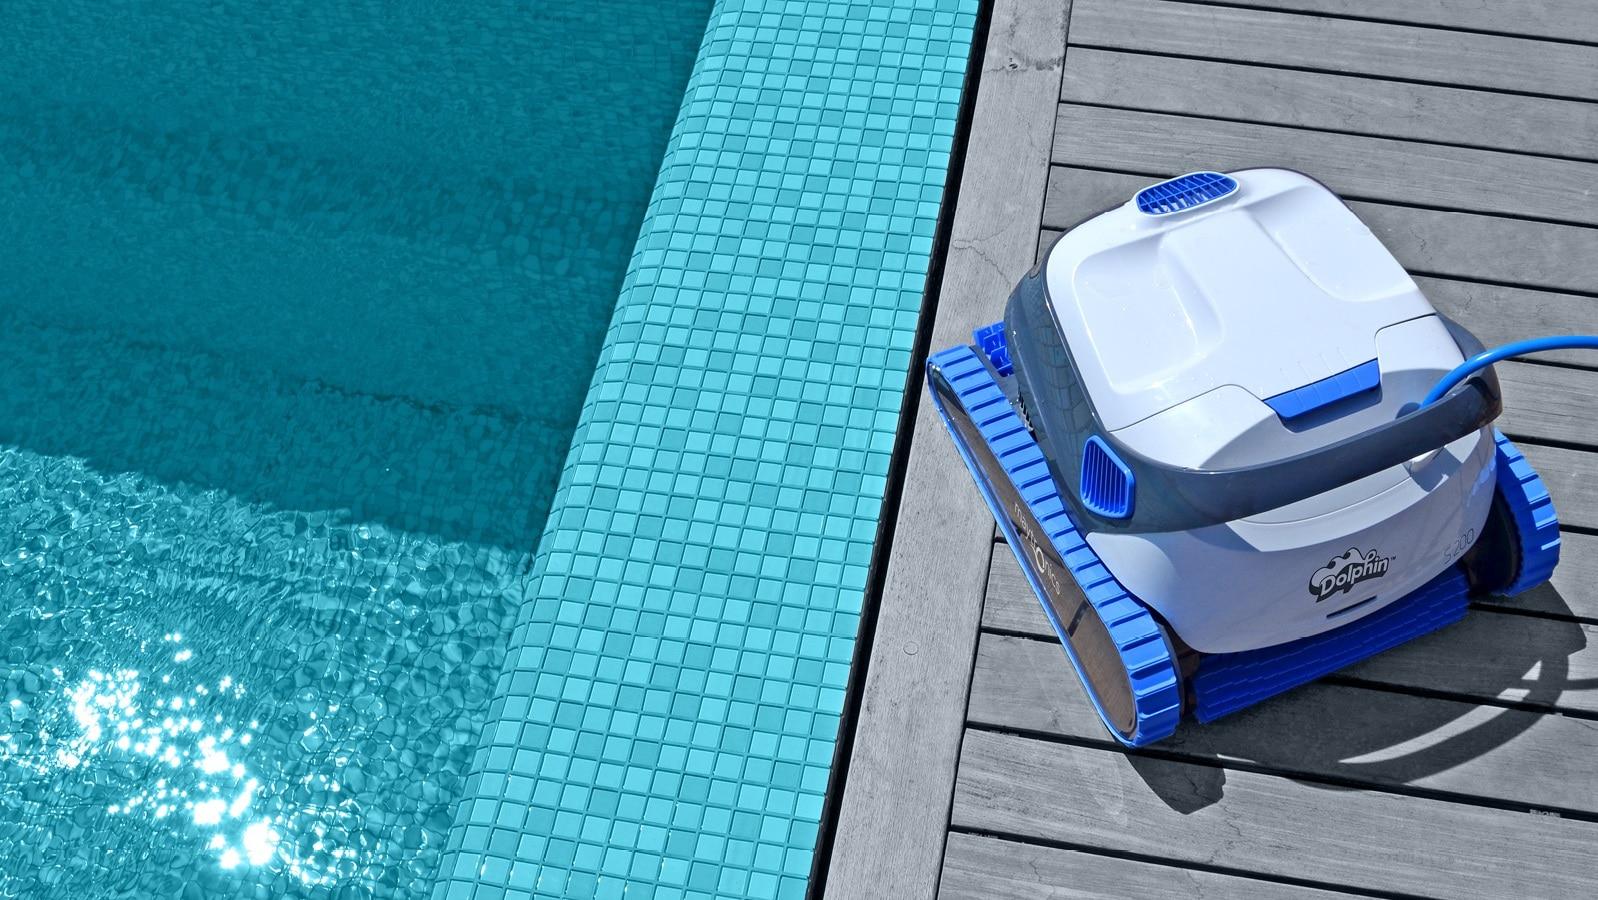 Robot Piscine - Guide Et Comparatif Complet - Quel Robot ... destiné Comparatif Robot Piscine Electrique